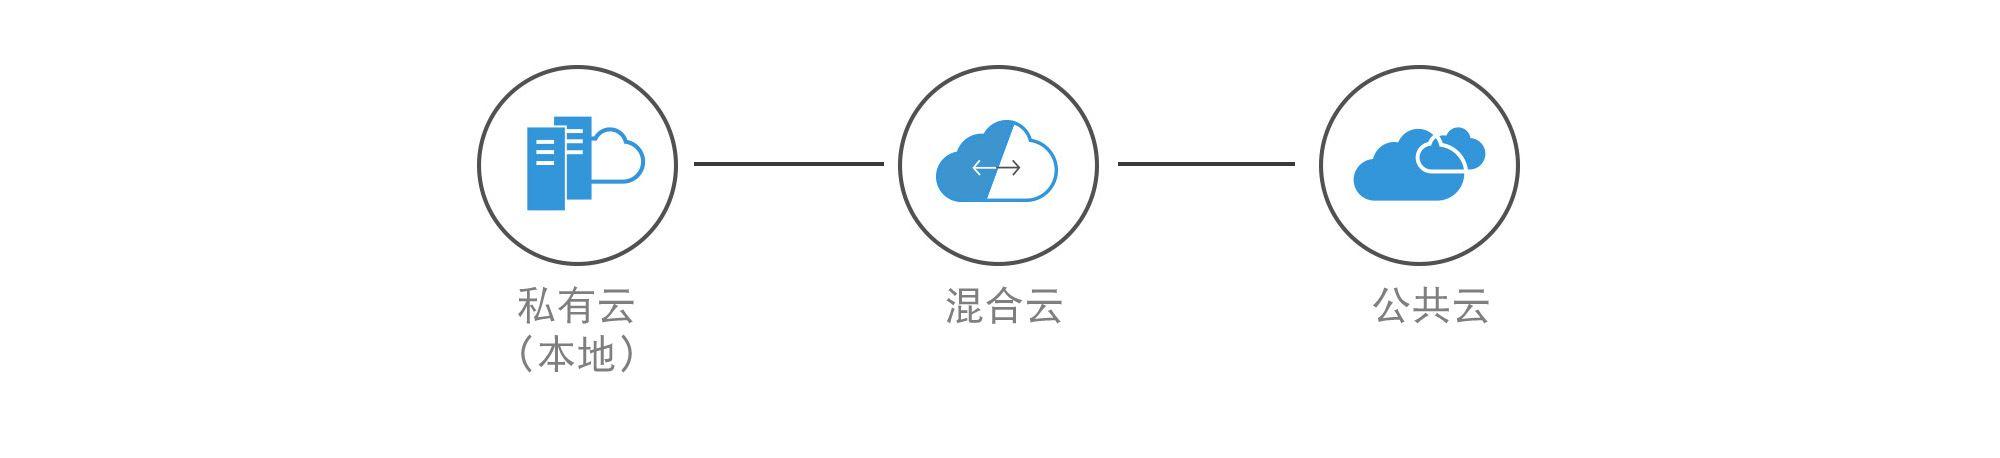 公有云私有云混合云